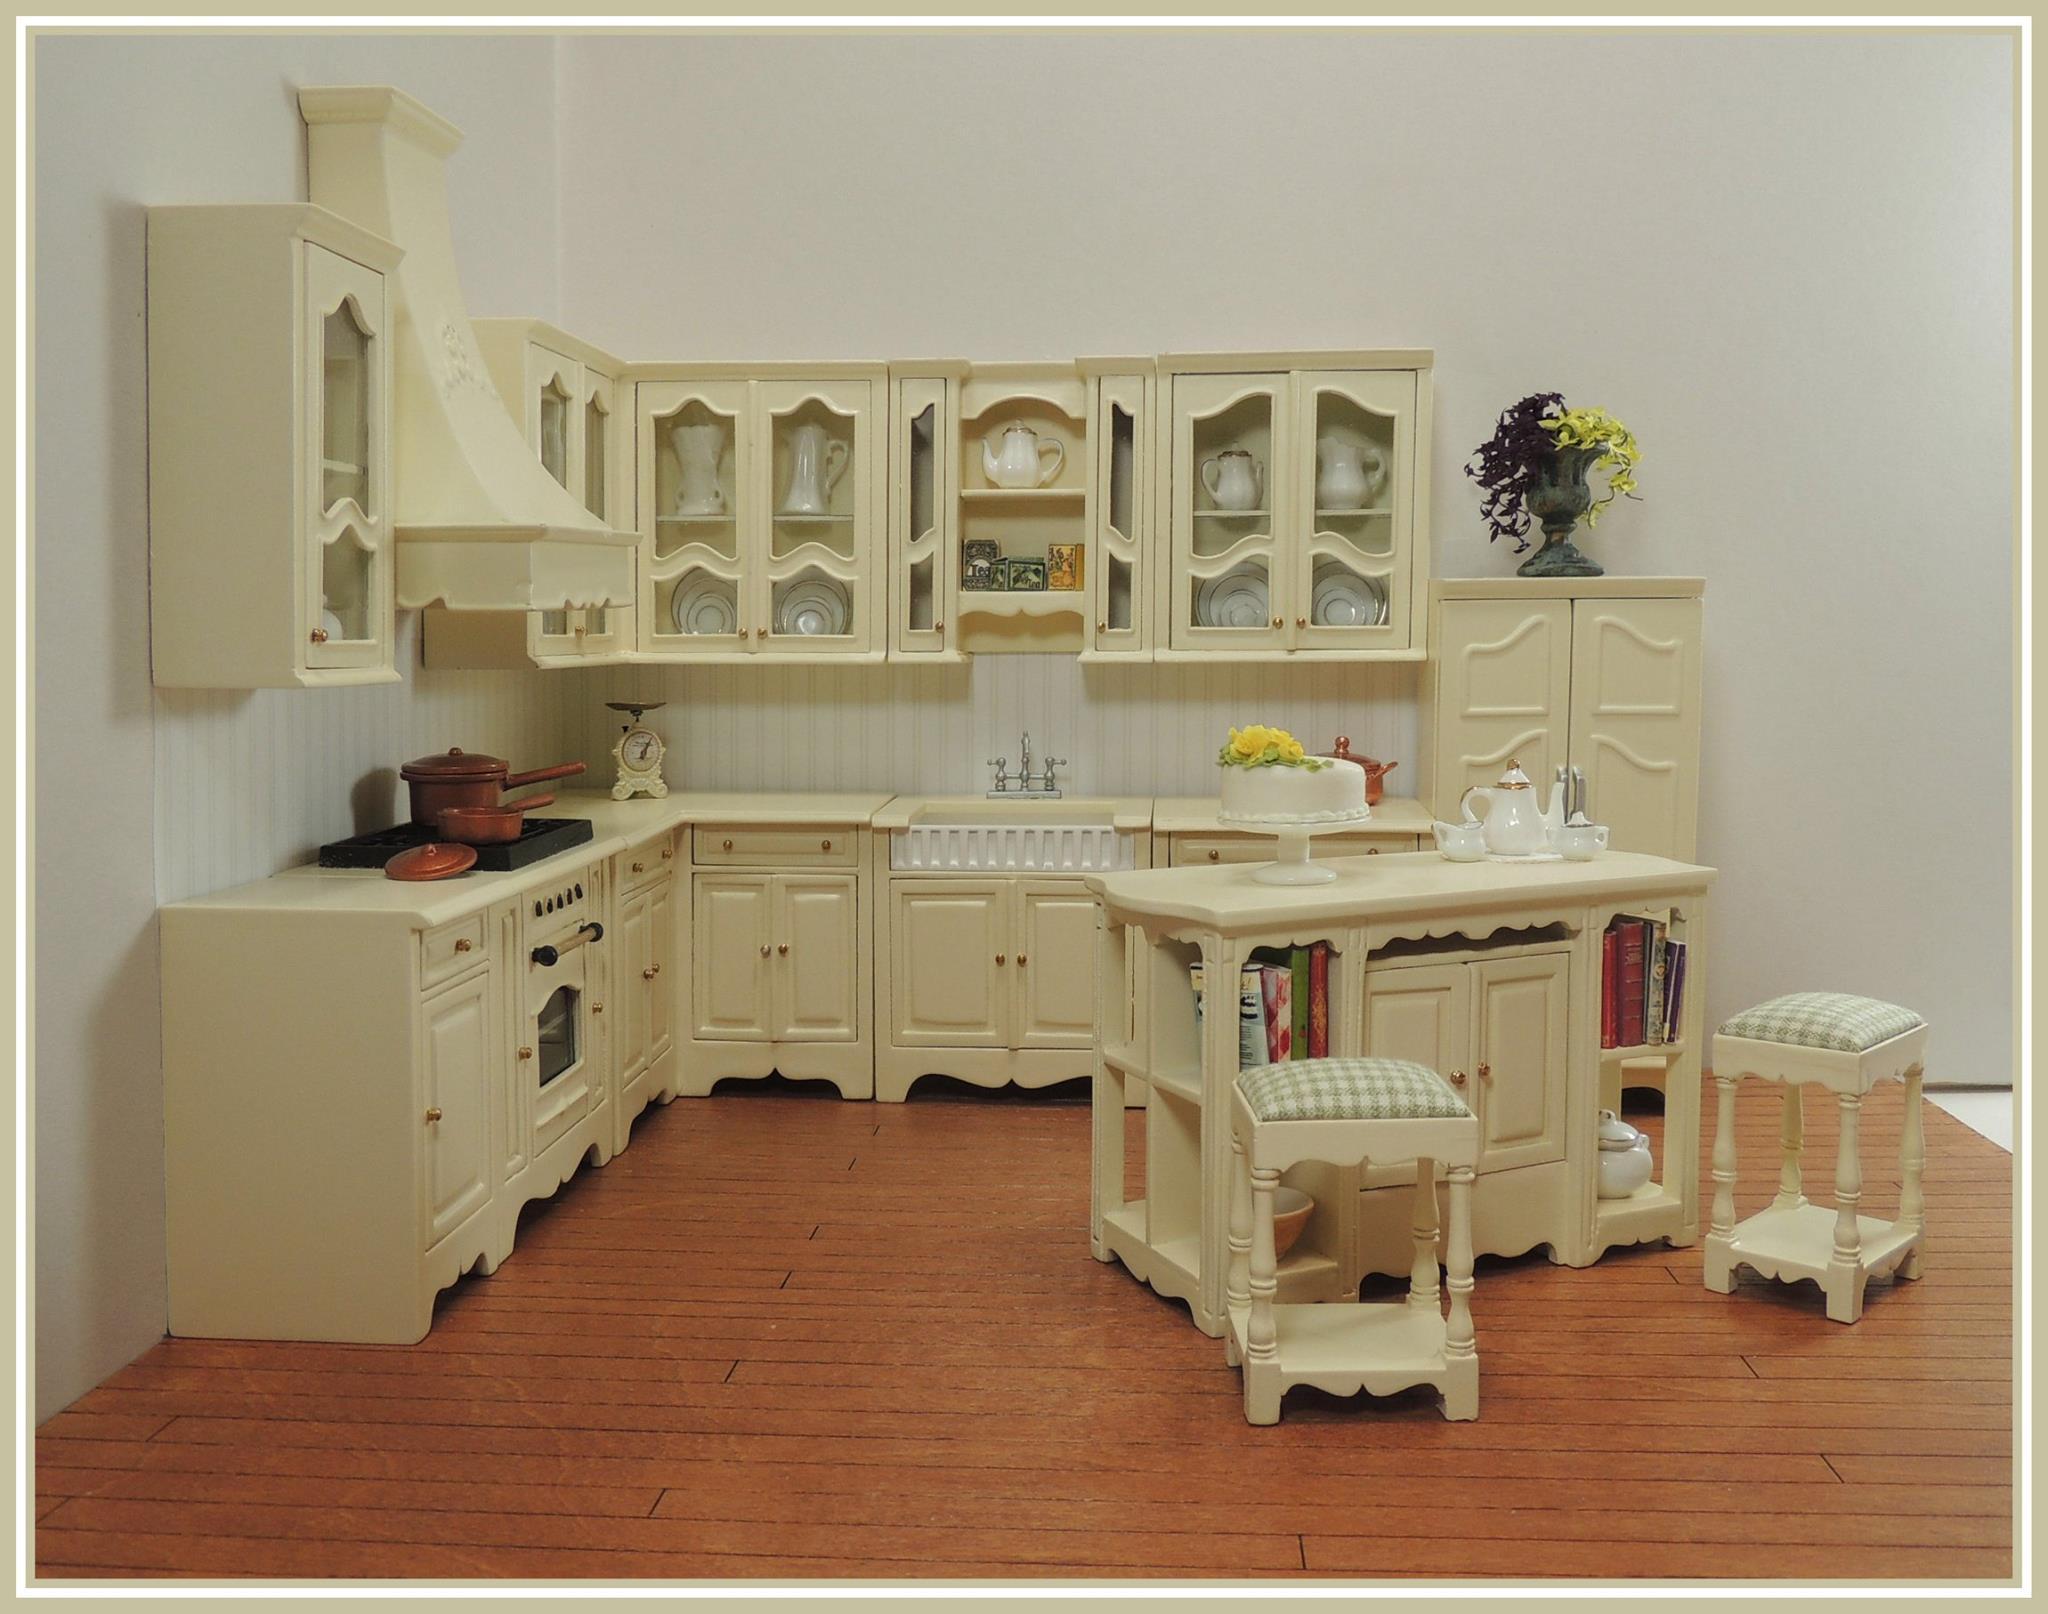 Bespaq Julia Kitchen In Cream 475 00 Manhattan Dollhouse